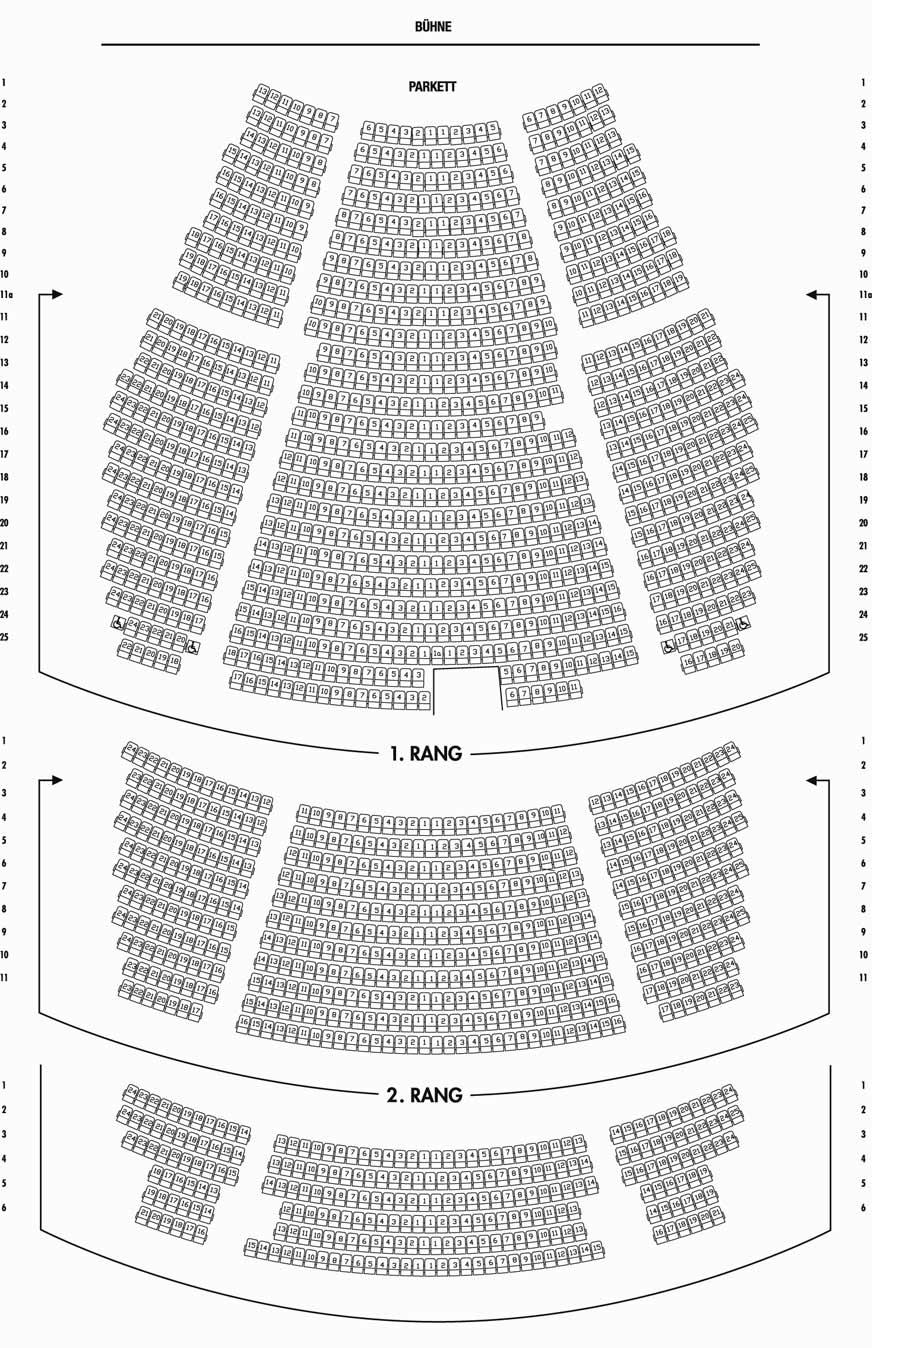 Saalplan Palladium Theater Stuttgart